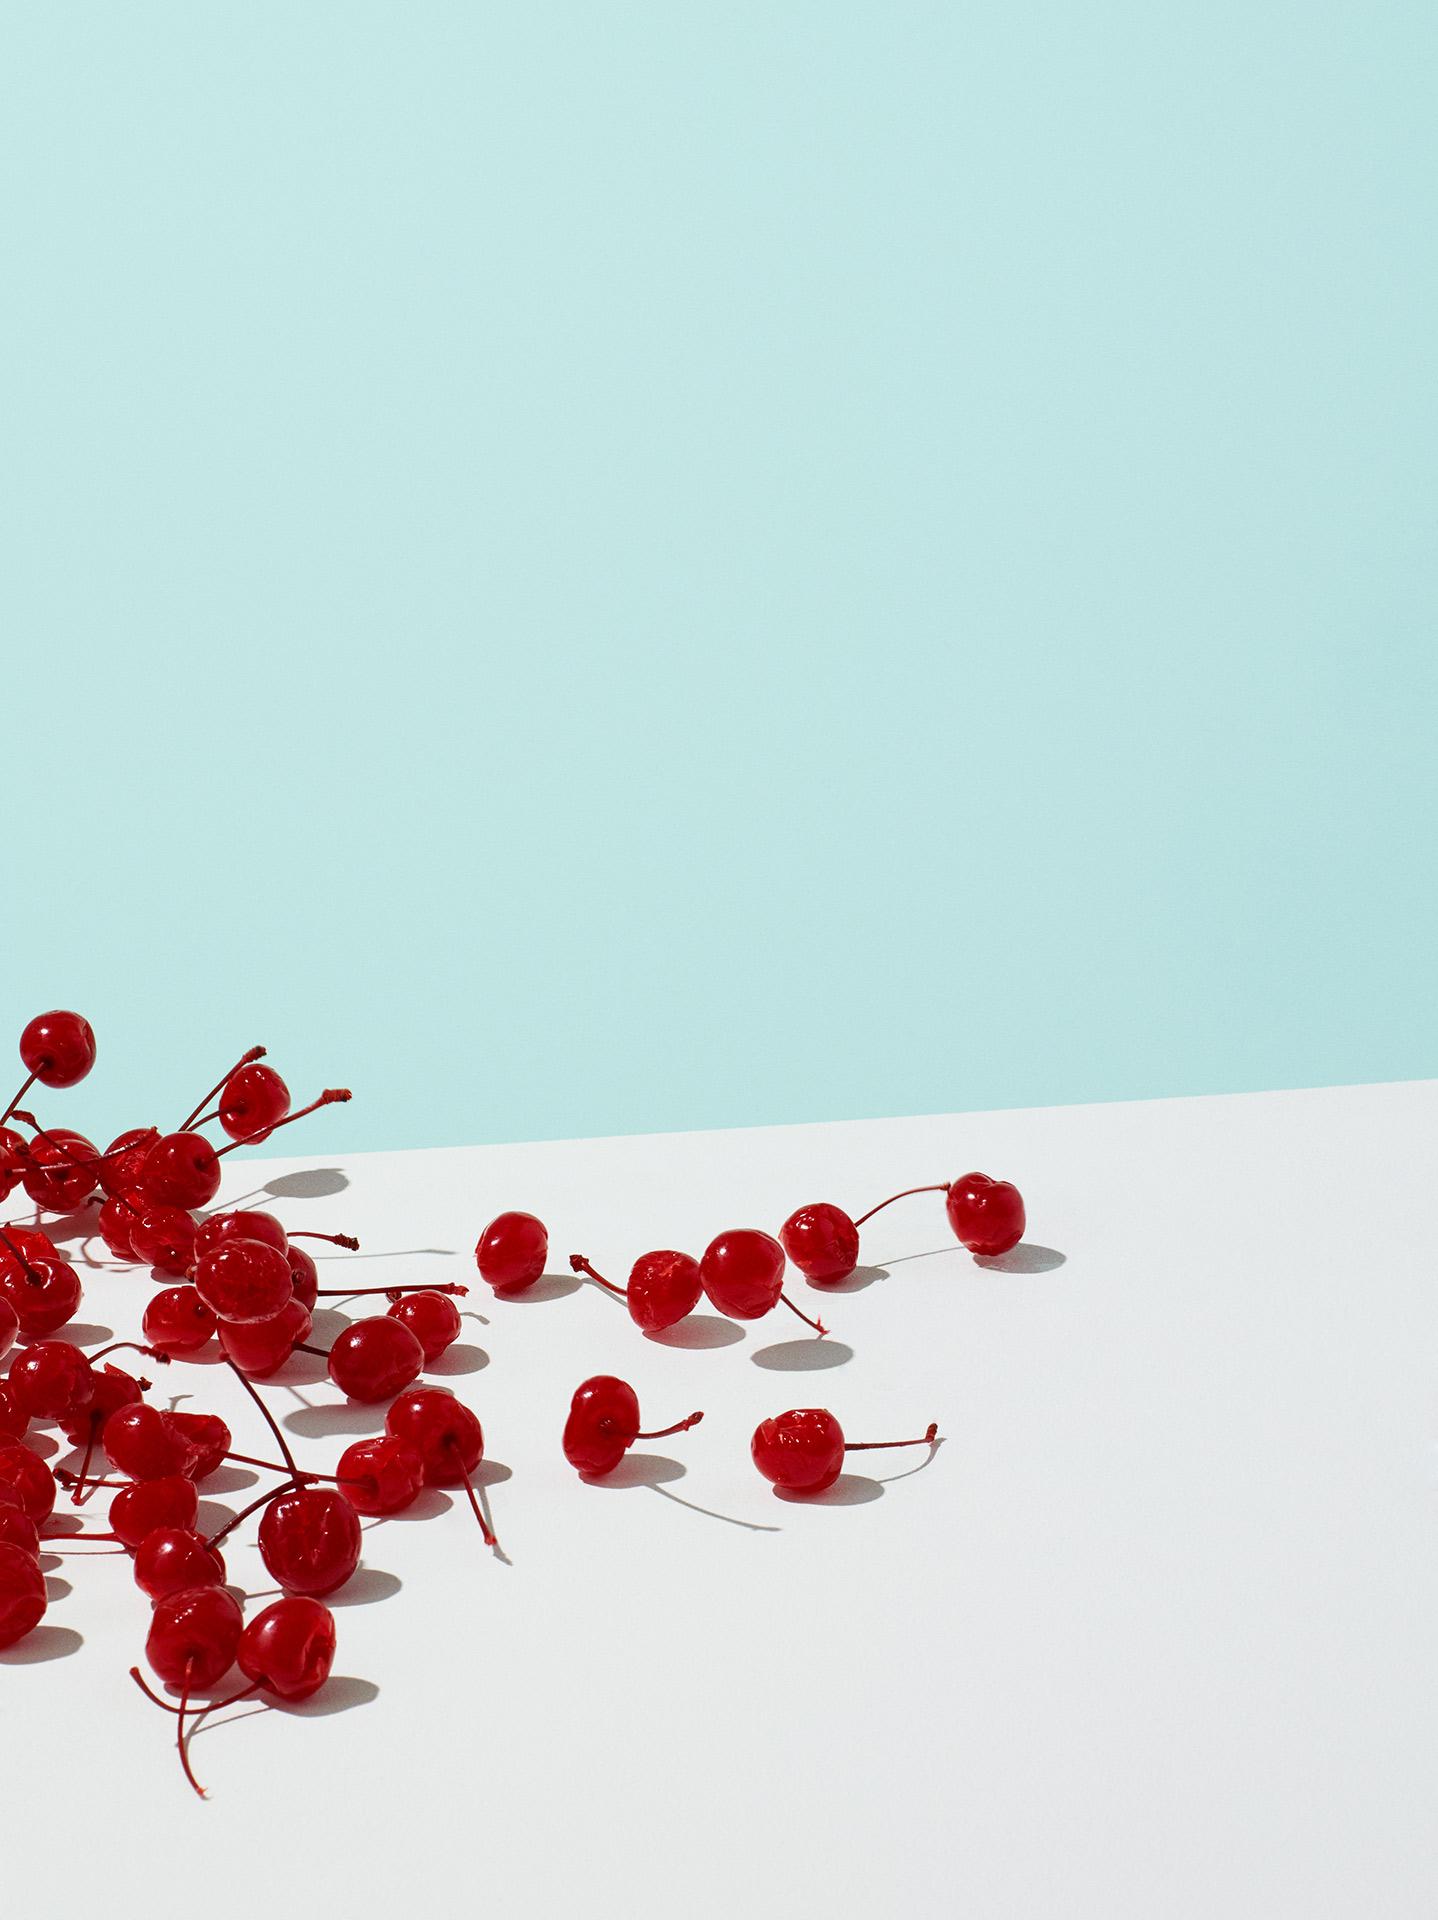 WhitePikeWhiskey_Cherries.jpg